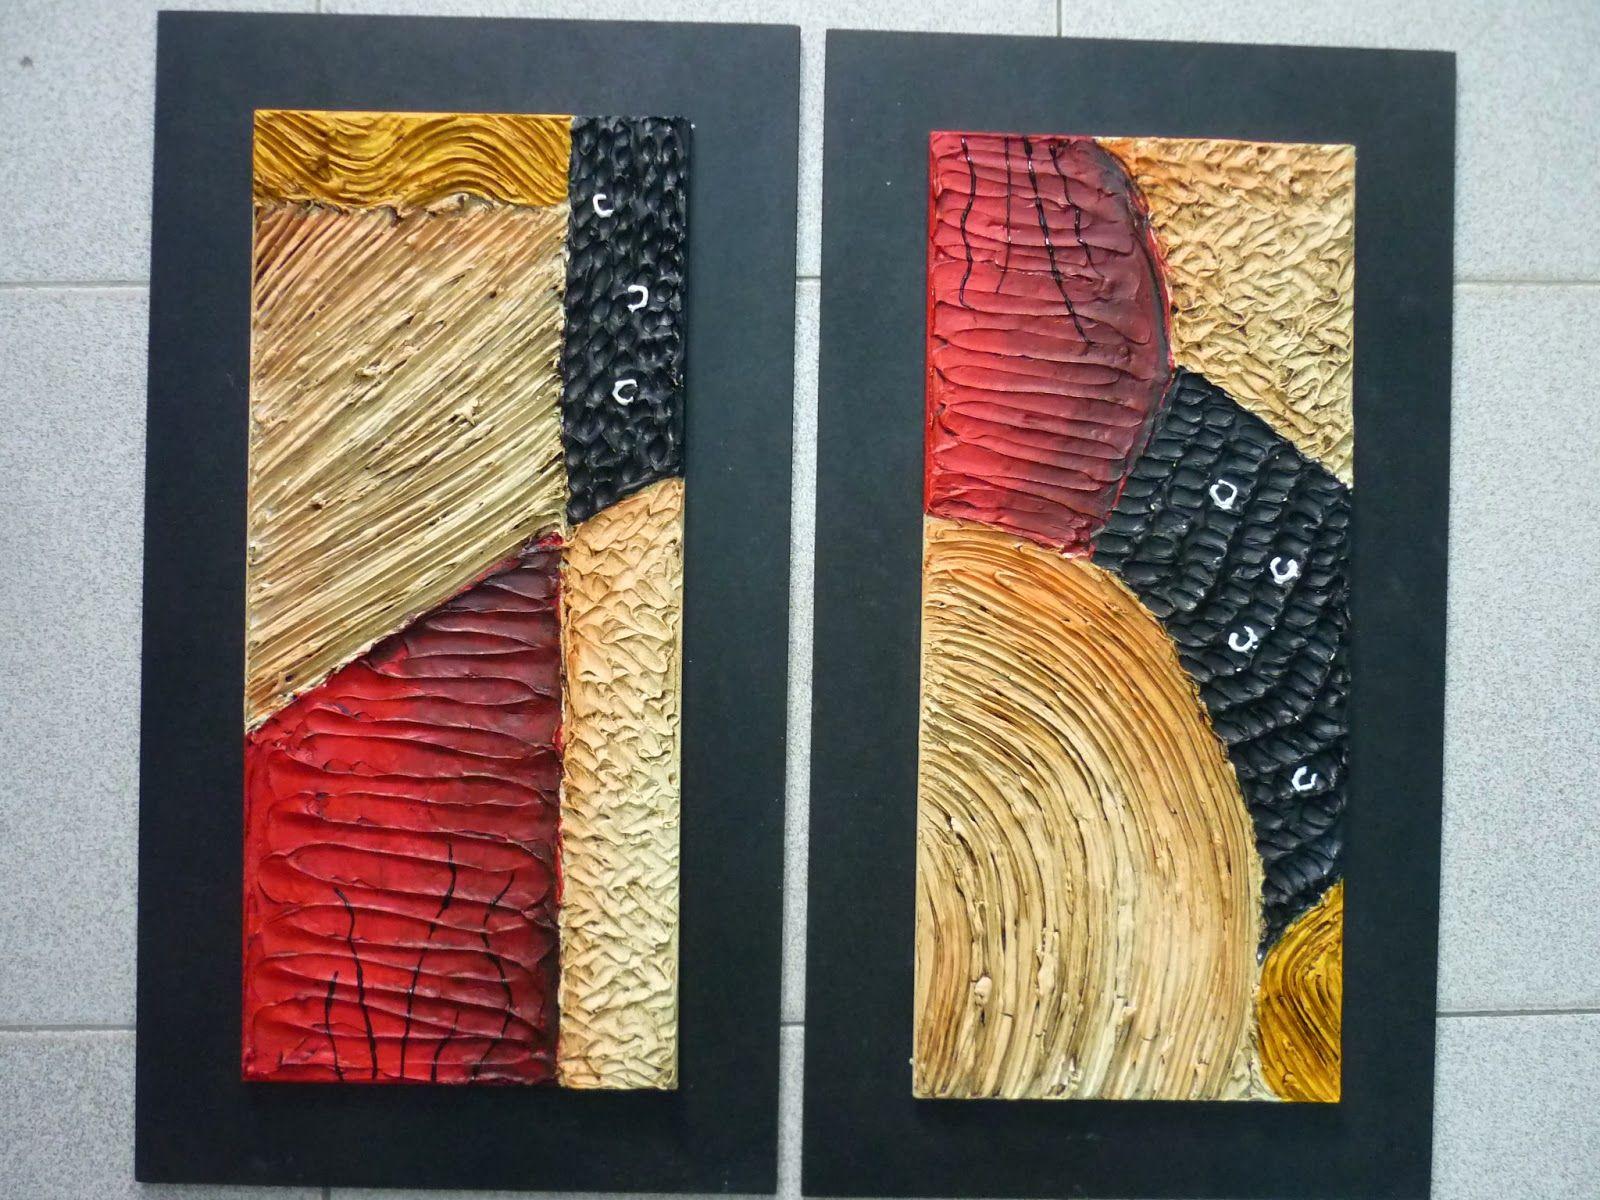 Creaciones de silvia textura por lorena proyectos que for Imagenes de cuadros abstractos con texturas